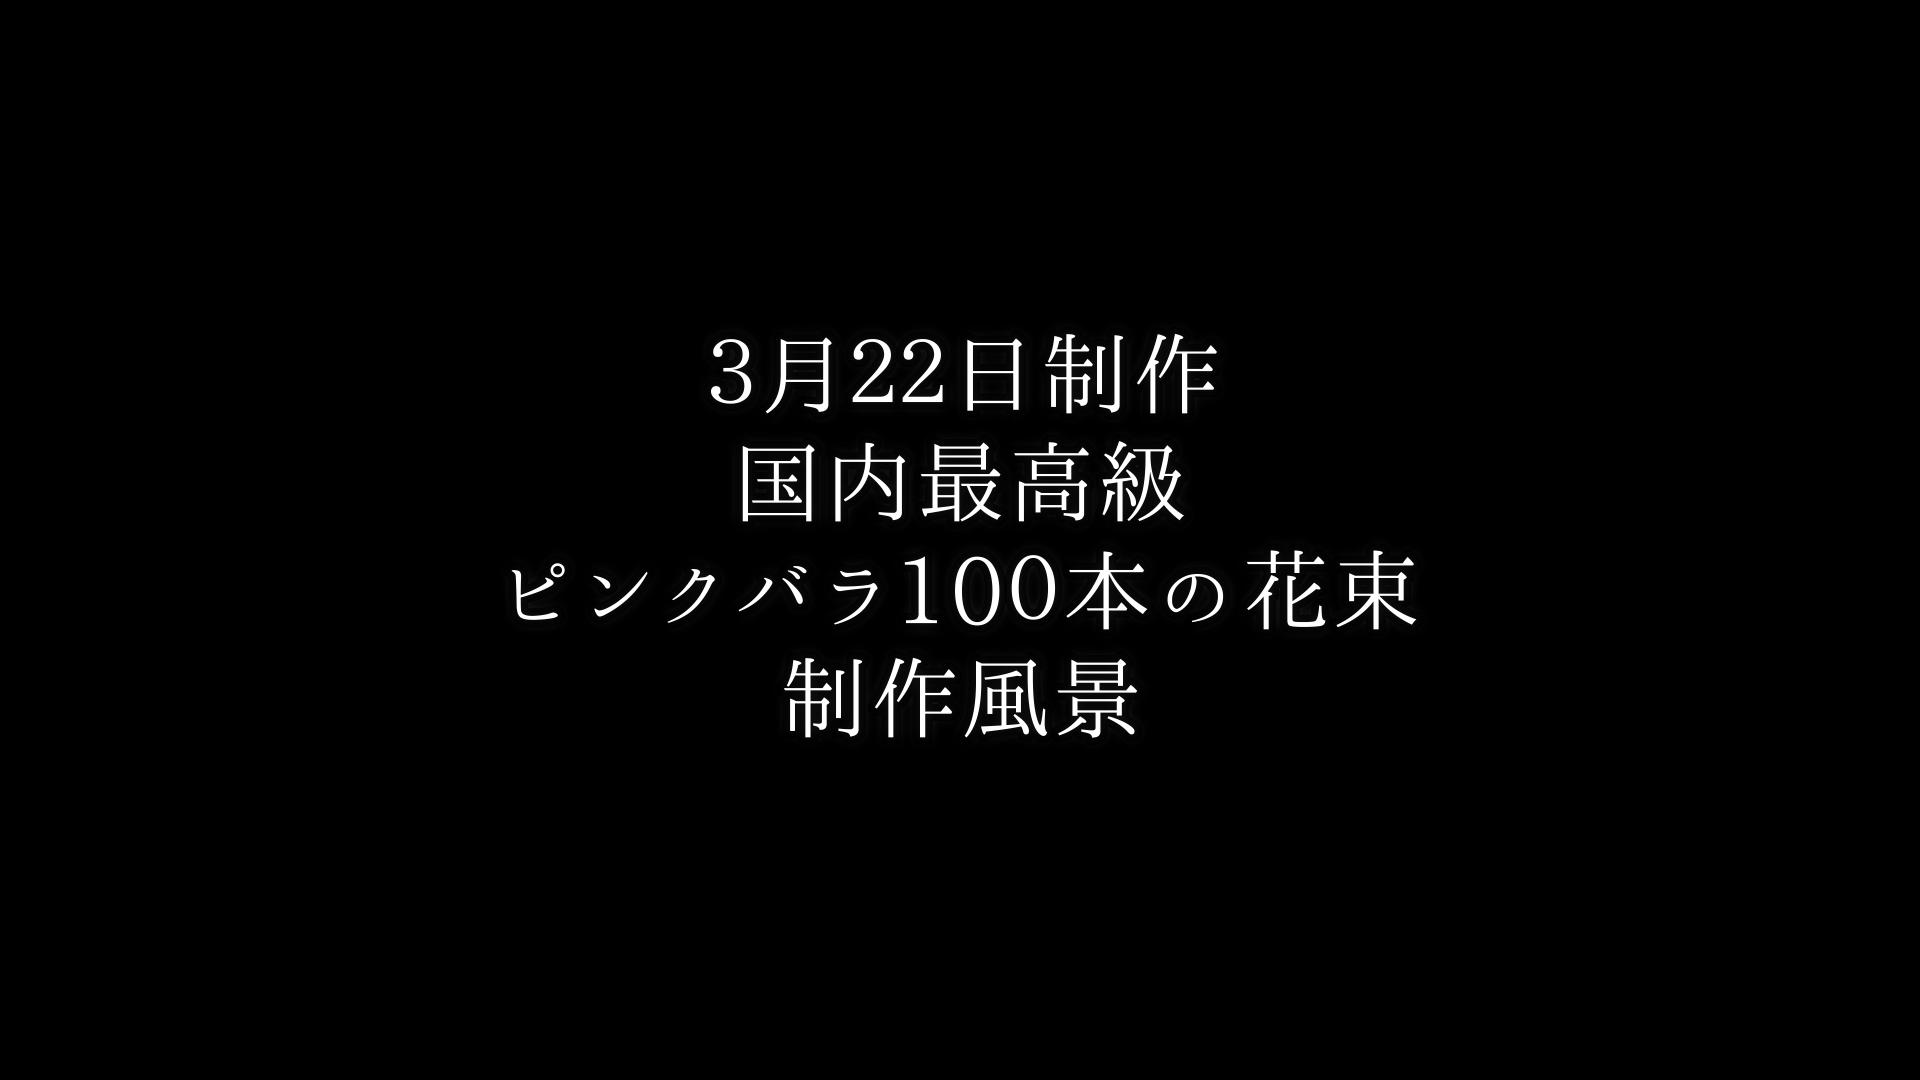 【国内最高級・ピンクバラ100本の花束制作動画 2021/03/22撮影】